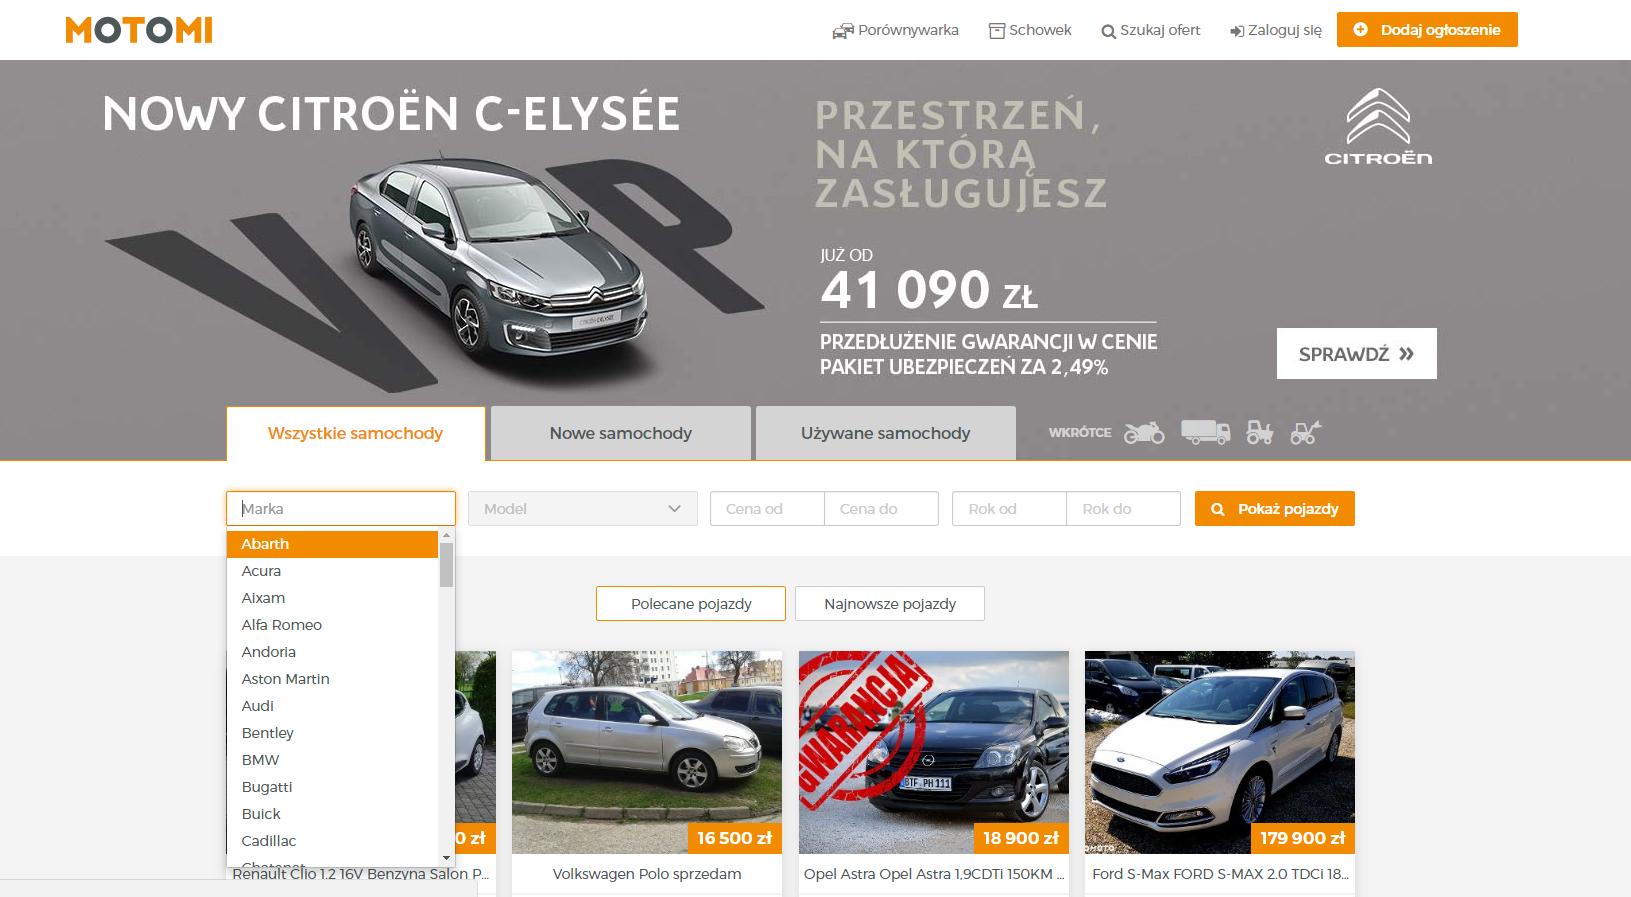 motomi.pl strona główna